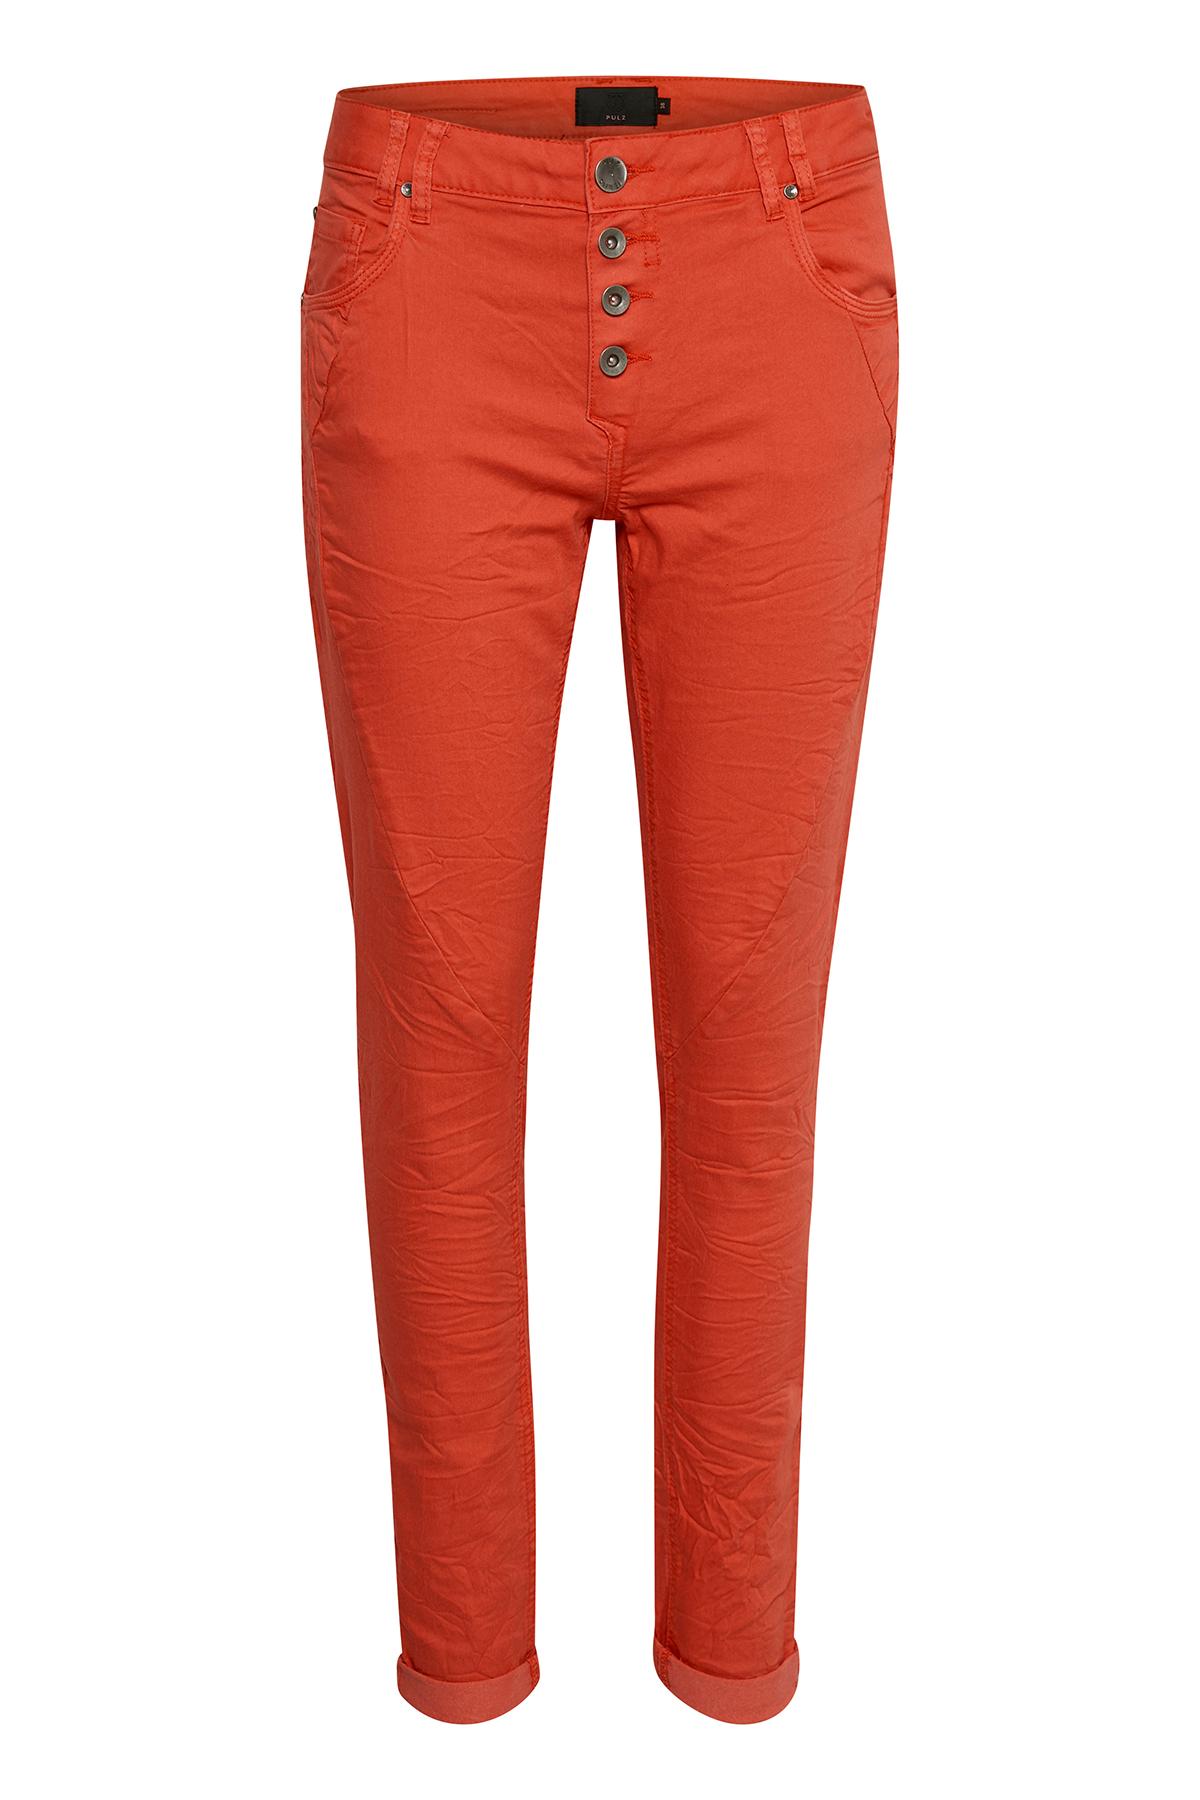 Orange Casual bukser fra Pulz Jeans – Køb Orange Casual bukser fra str. 32-46 her